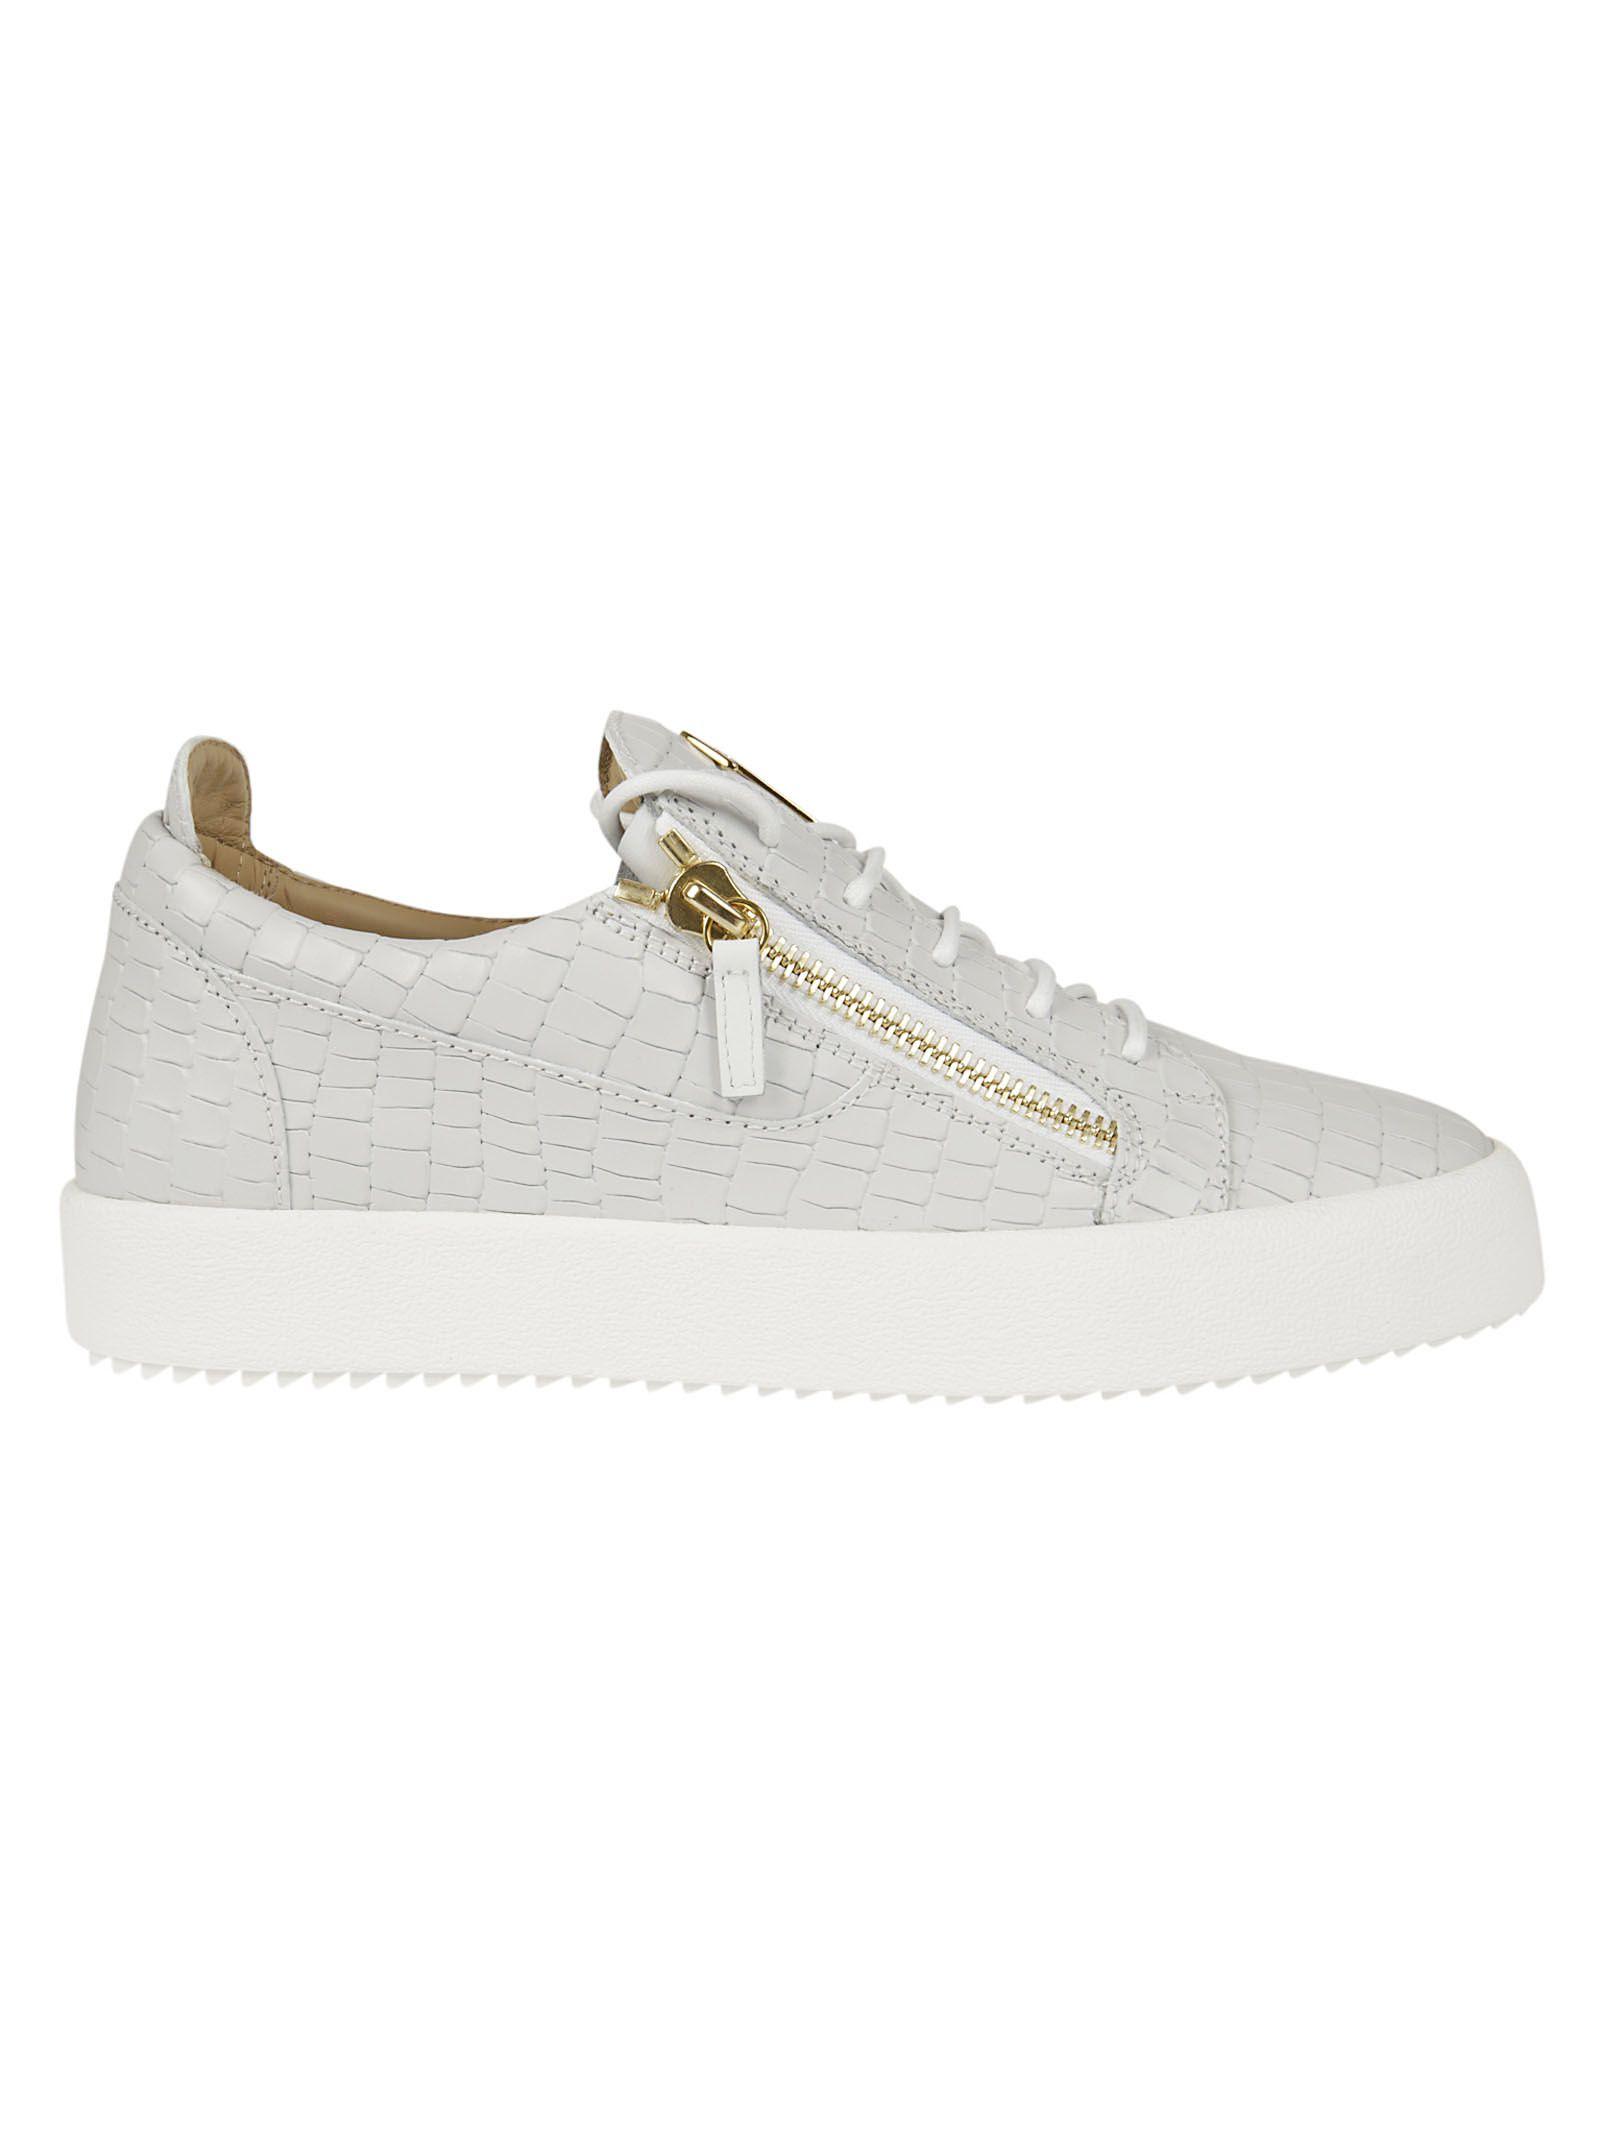 Giuseppe Zanotti Frankie Hi-top Sneakers